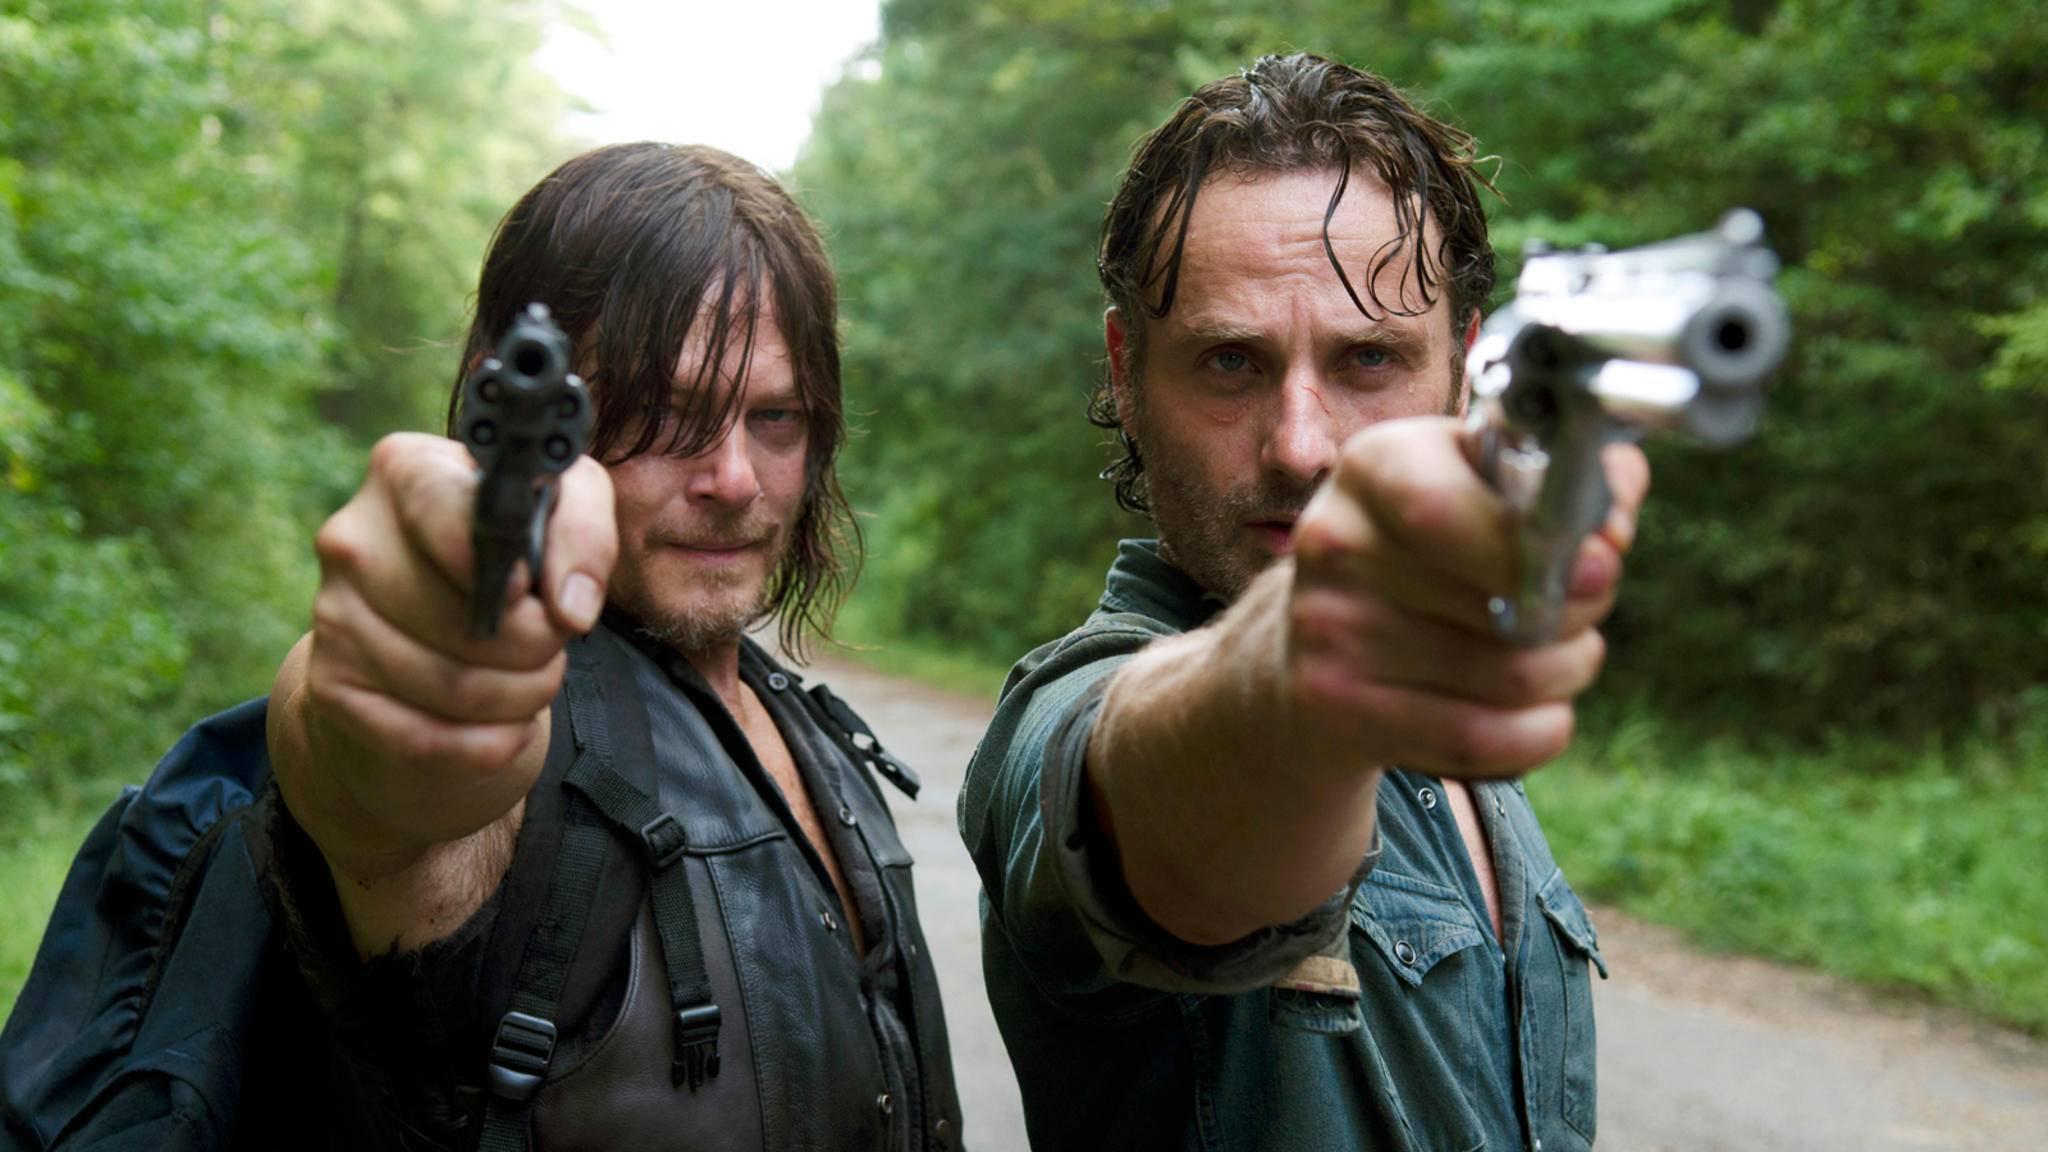 """Daryl (l.) und Rick (r.) in Aktion: Diesen Anblick dürften wir in Staffel 8 von """"The Walking Dead"""" wohl so einige Male genießen."""